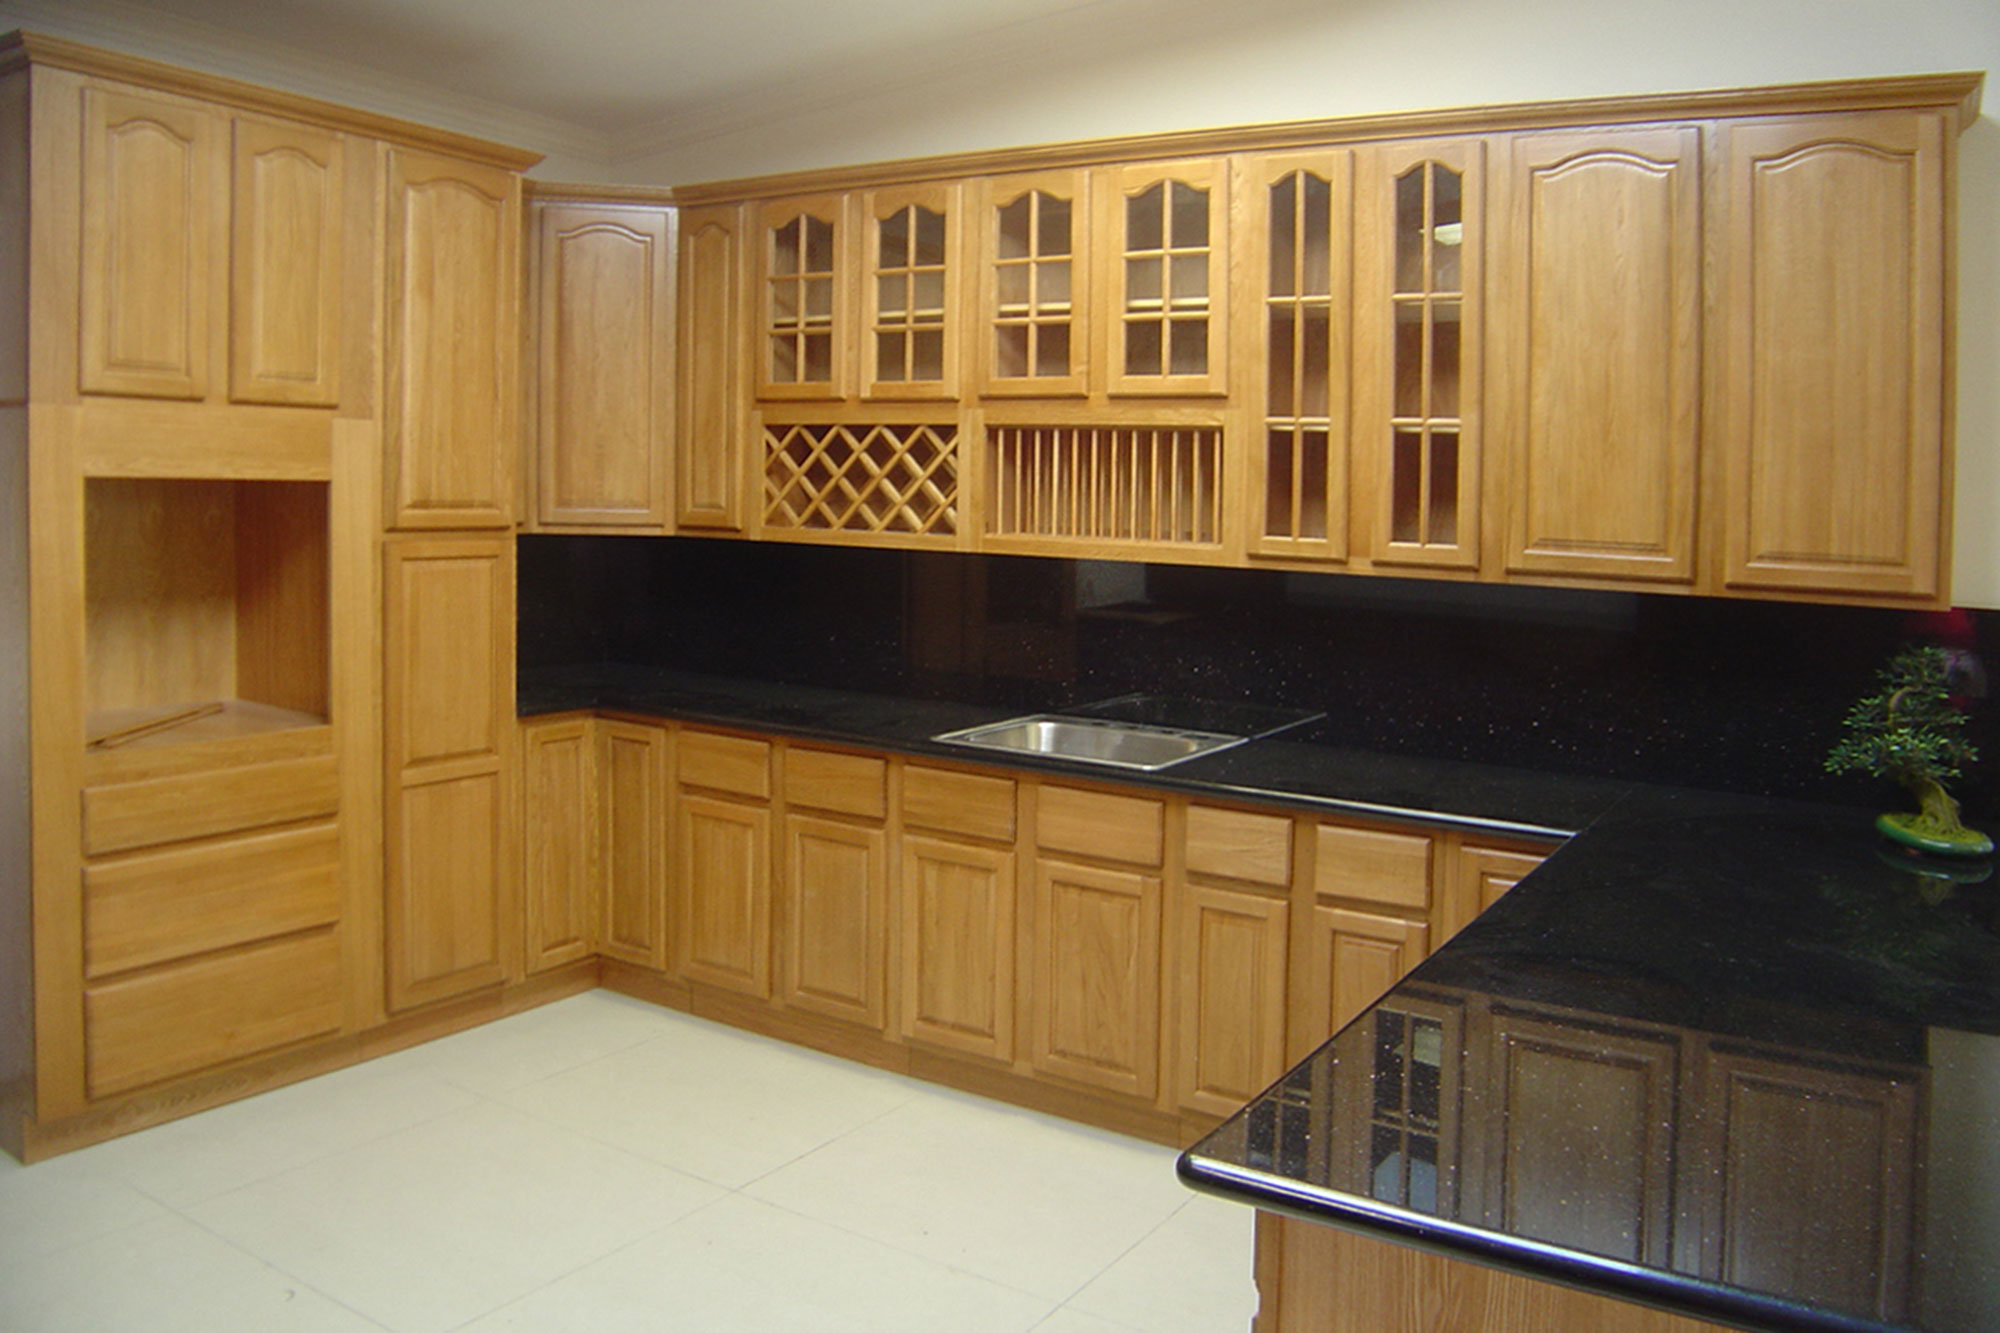 oak wood kitchen cabinets oak cabinets  u2013 kitchen  u0026 bath   kitchen cabinets  u0026 bathroom vanity      rh   advancedcabinetscorp com